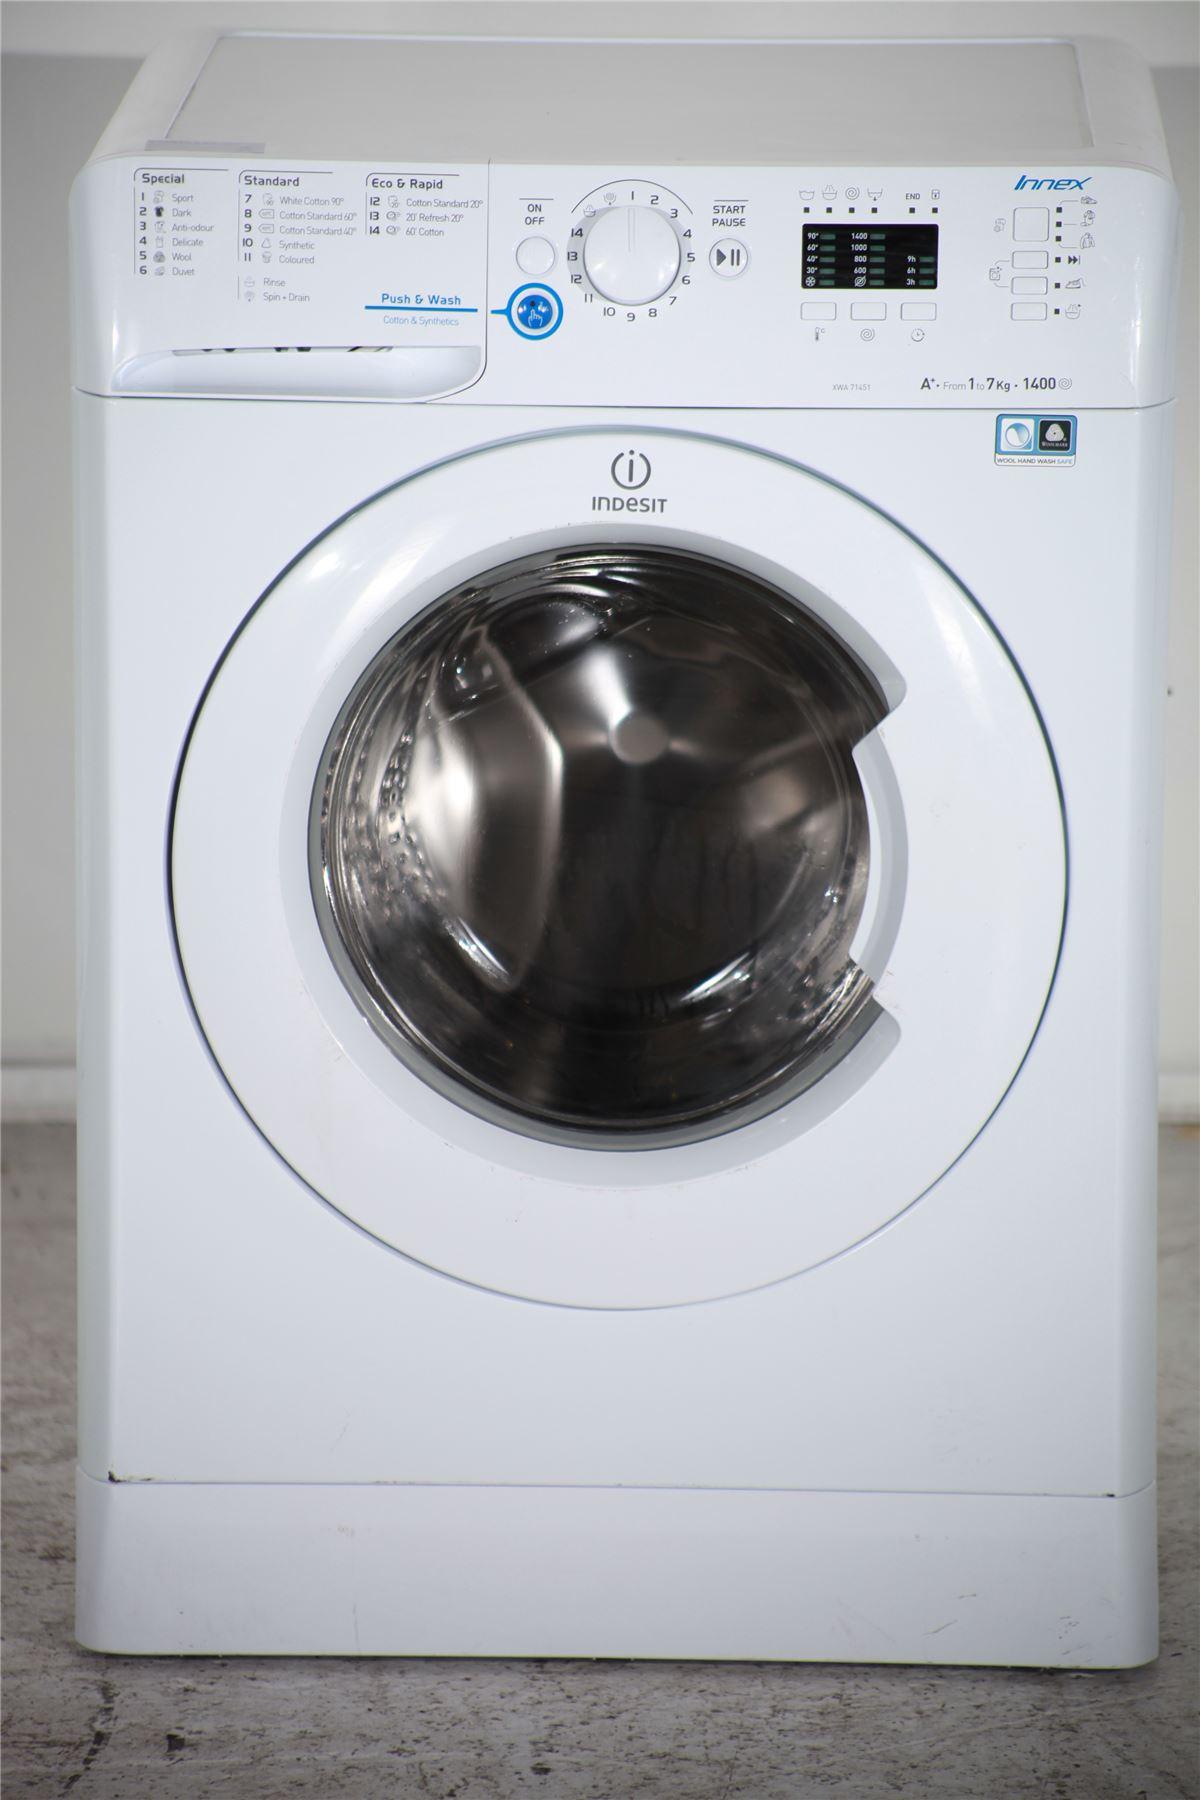 Preloved | indesit 7kg washing machine - xwa71451 - white ...